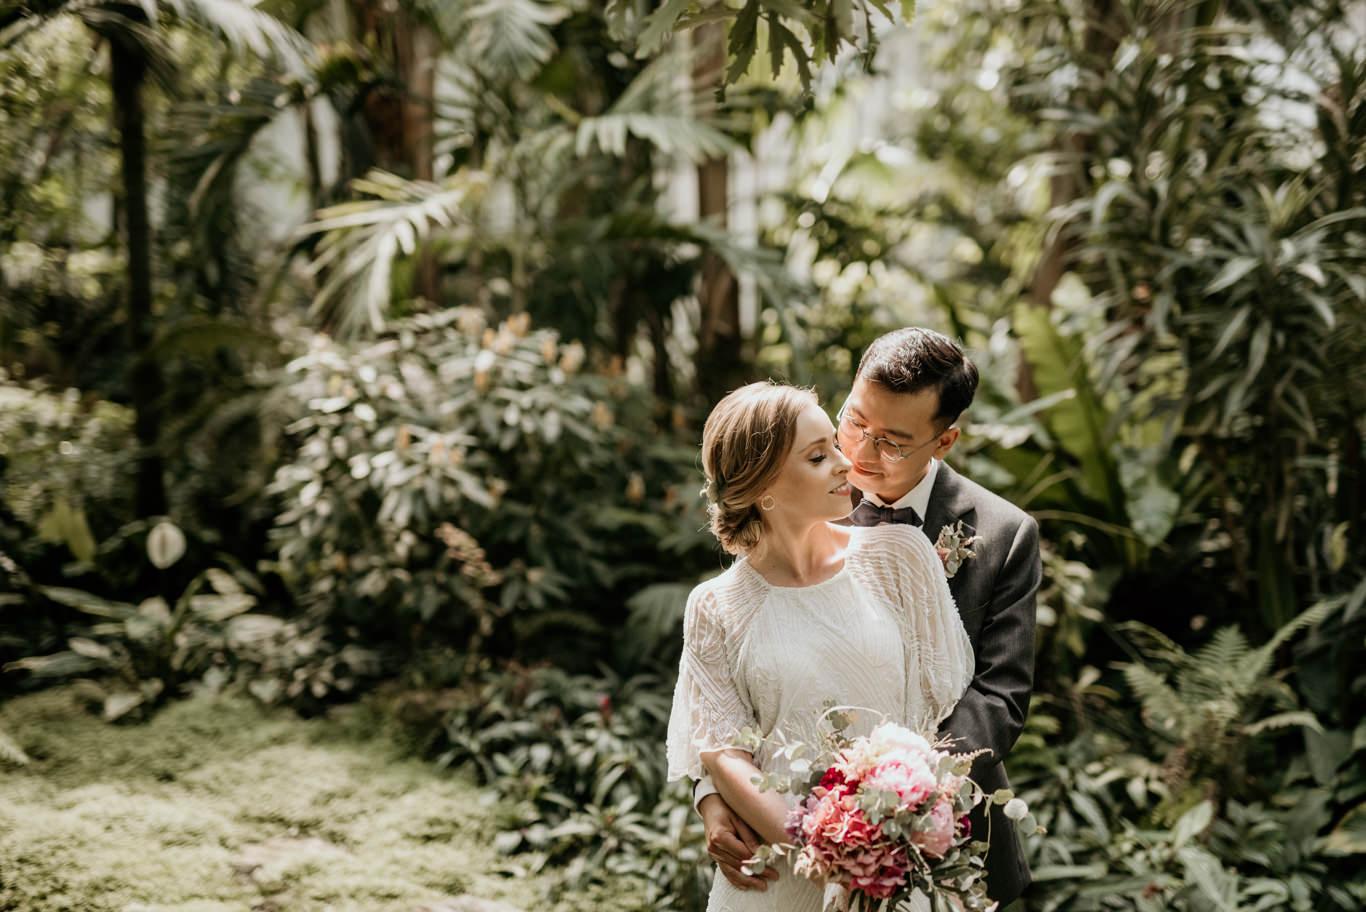 Simone Sohl Fotografie Hochzeit In Frankfurt Palmengarten Und Romer